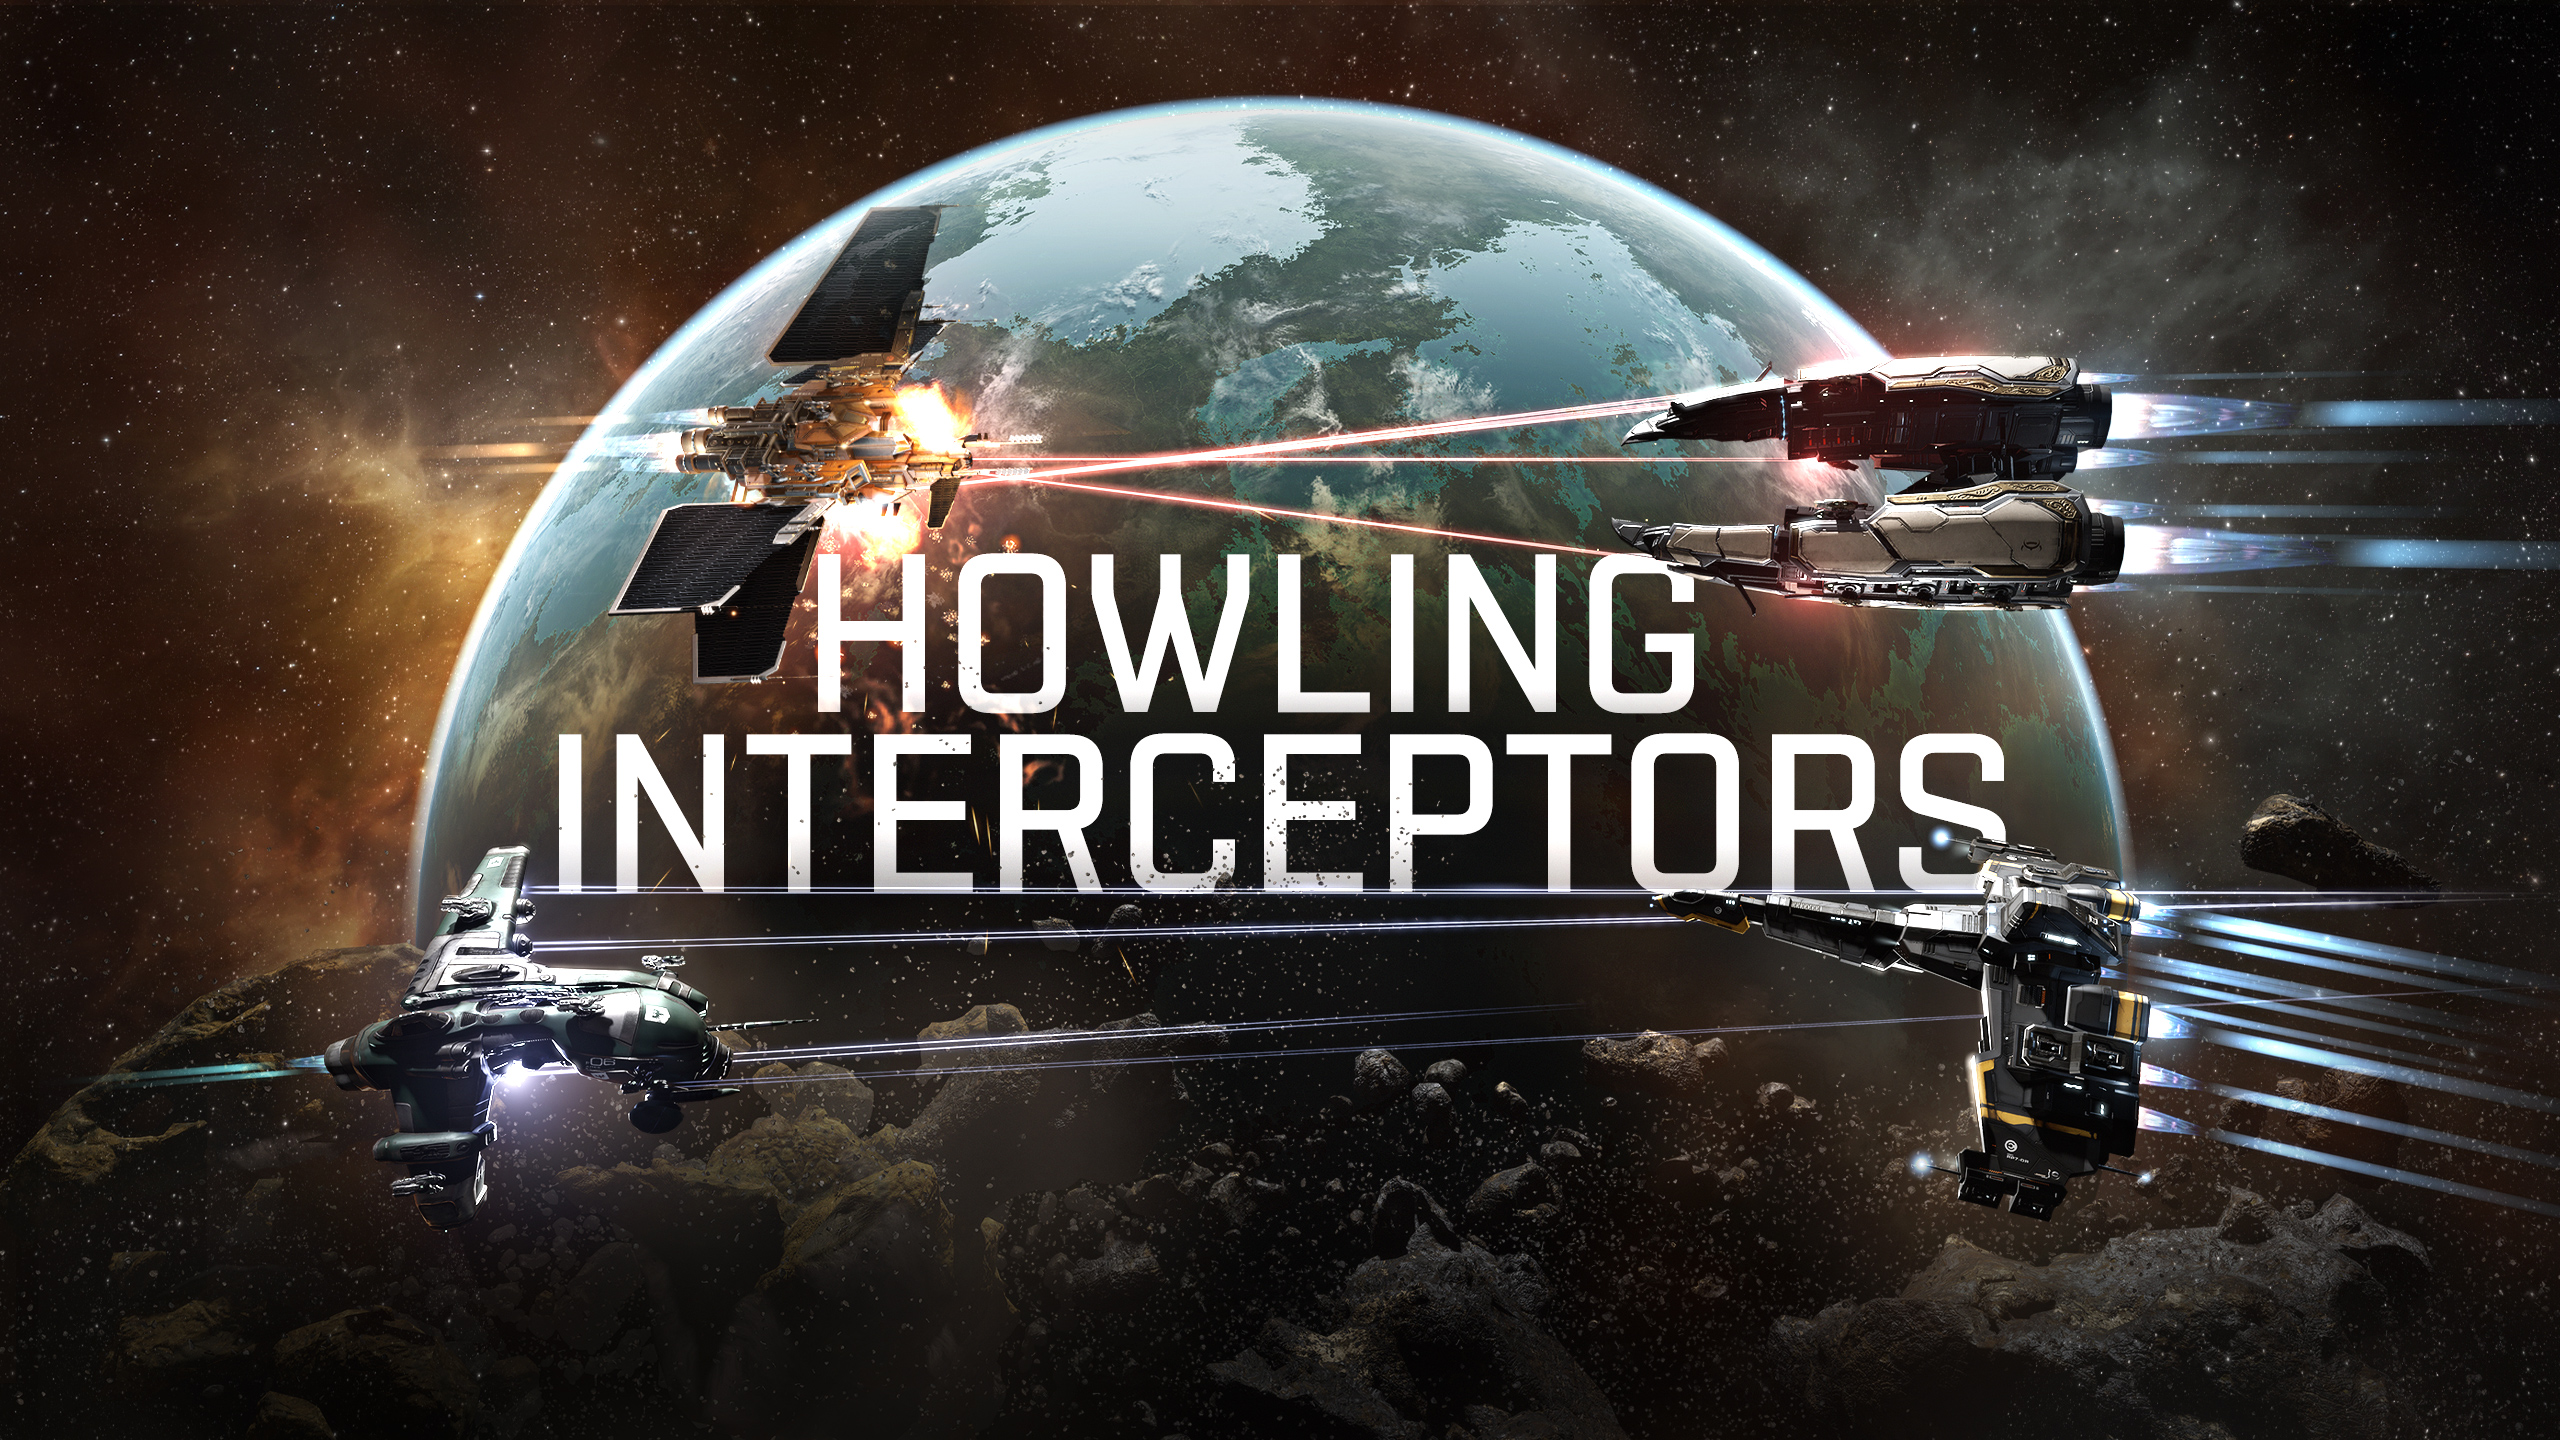 Howling Interceptors